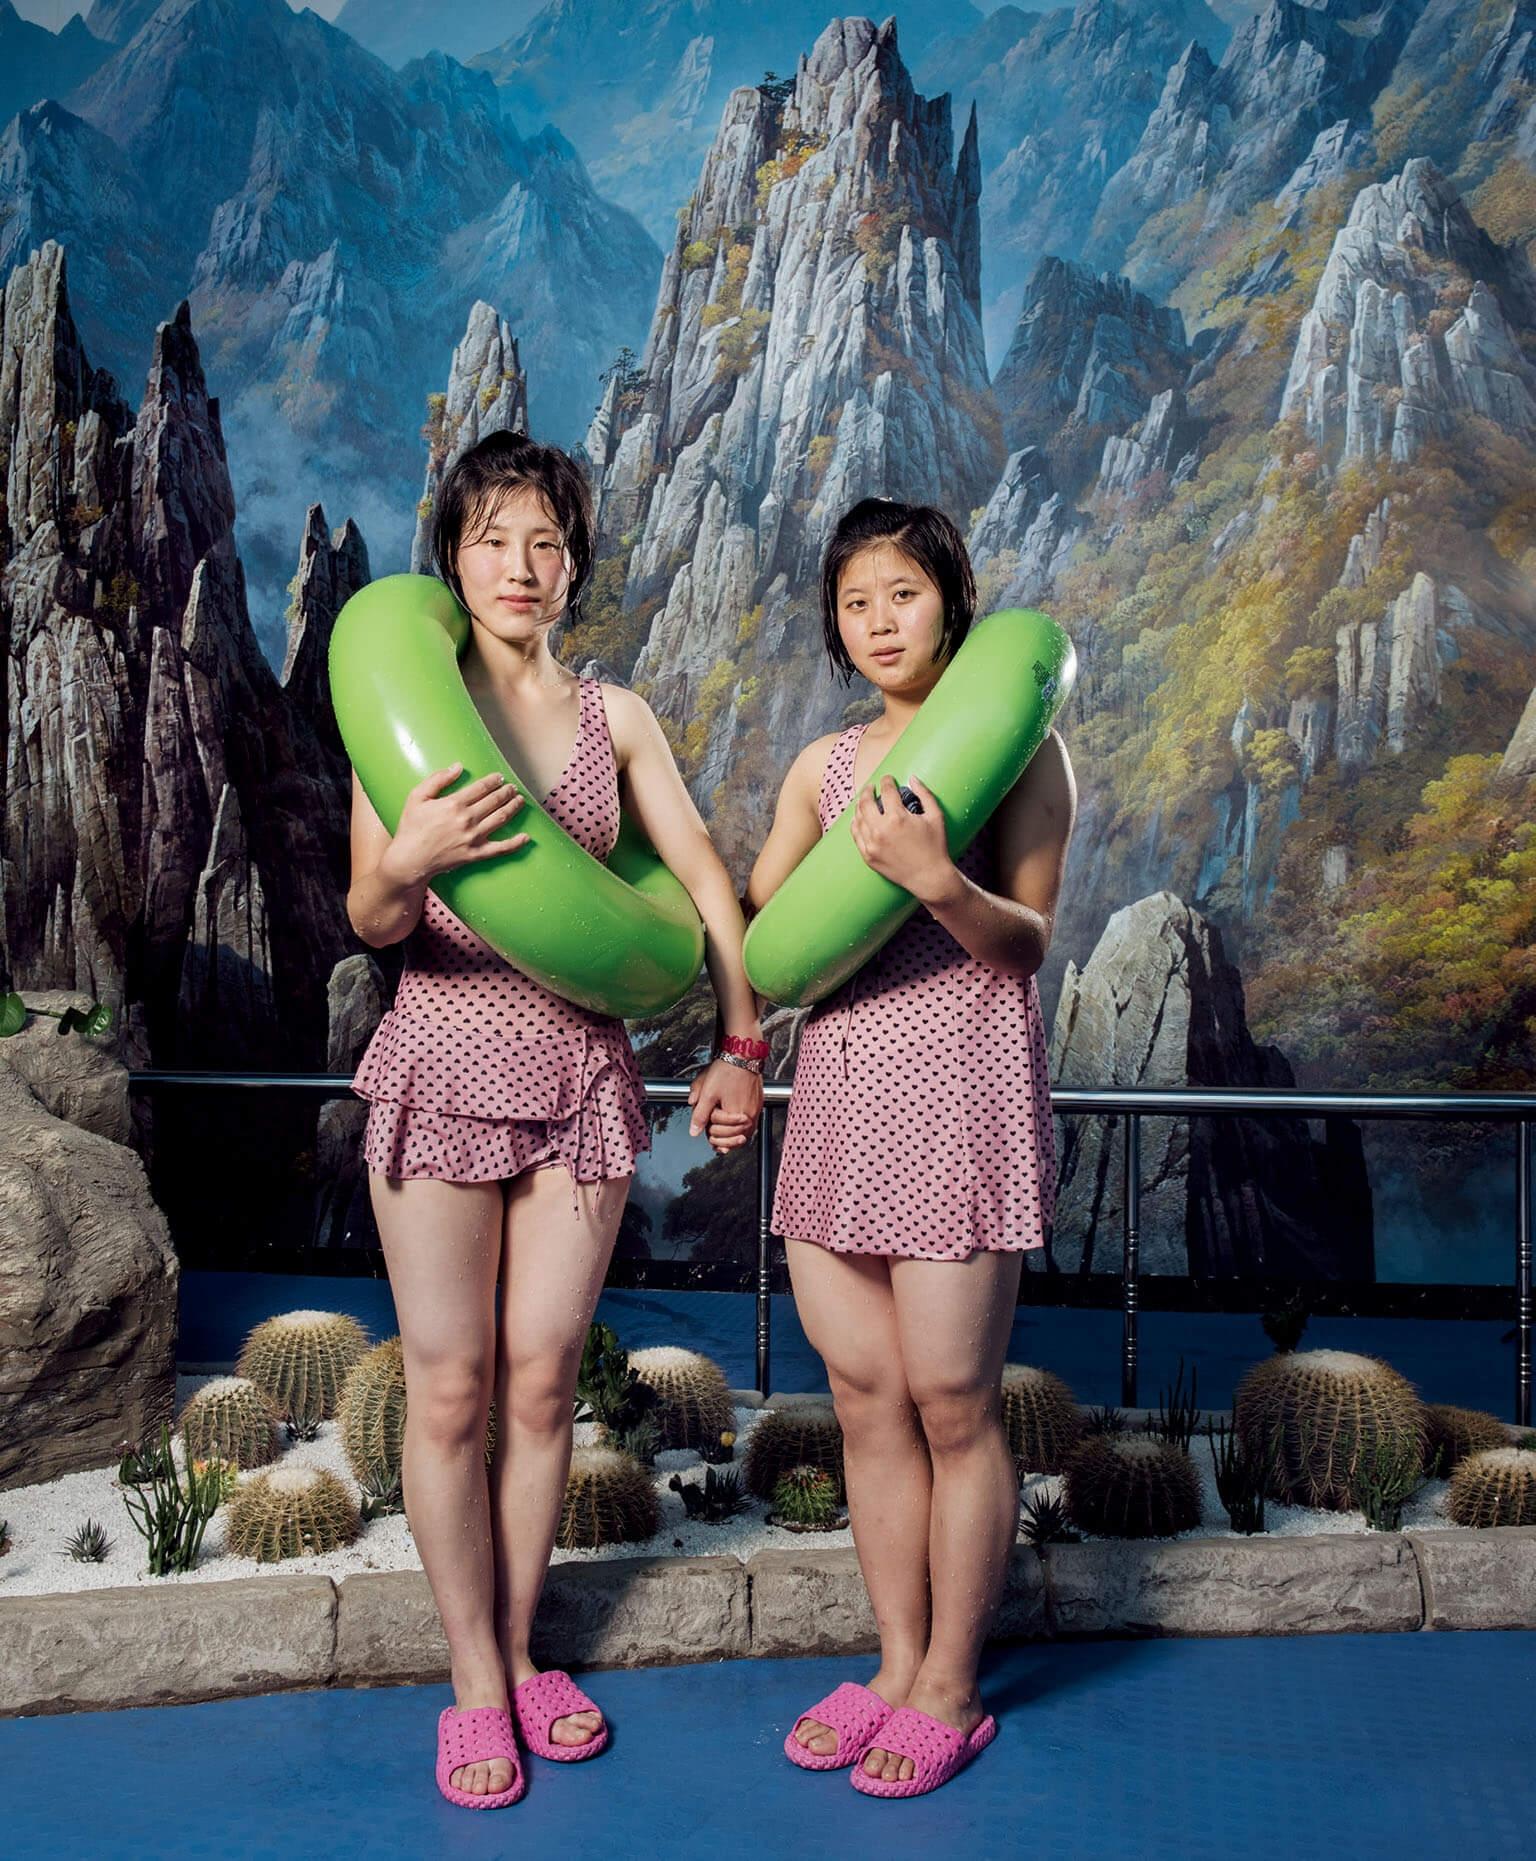 一間食品工廠頂樓提供各種娛樂,工人可以在這裡游泳、打籃球,或泡三溫暖放鬆一下。游泳池內展示著工廠因為提供食物給北韓運動員而獲頒的獎盃。